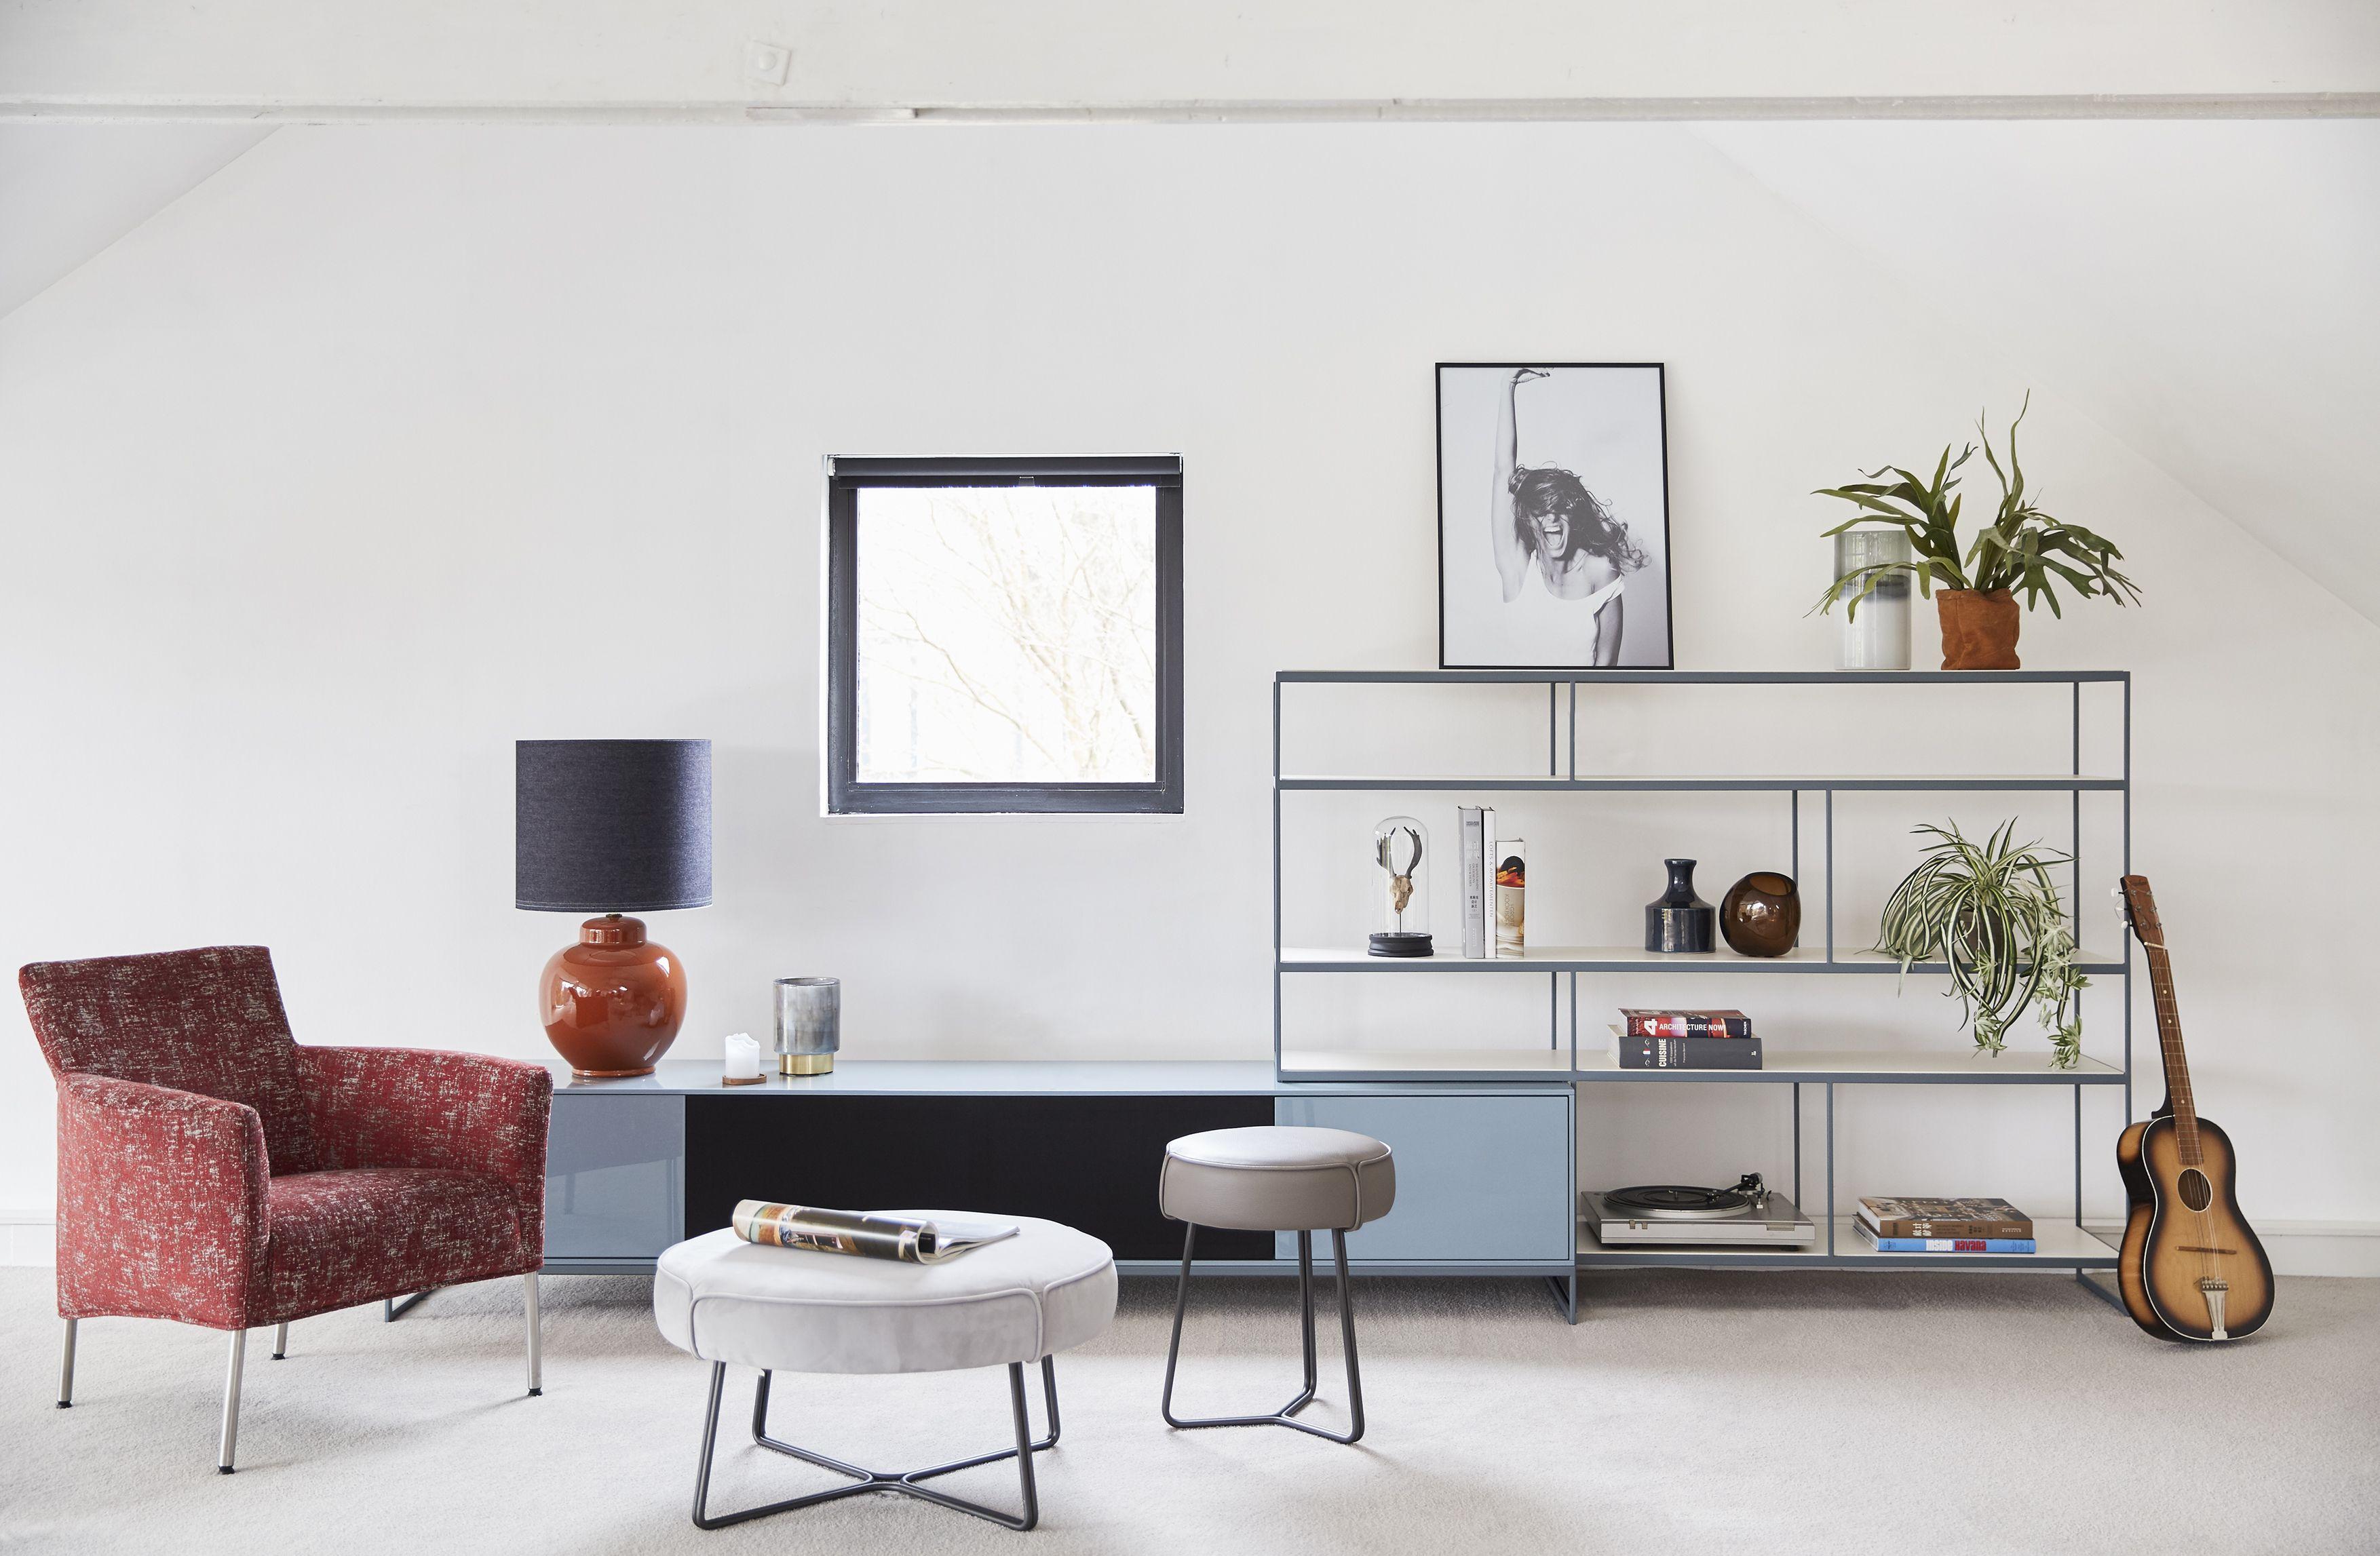 New collection 2017 - bert plantagie - luna - kamelia - fuse - furniture - design - living - bartable - barstool